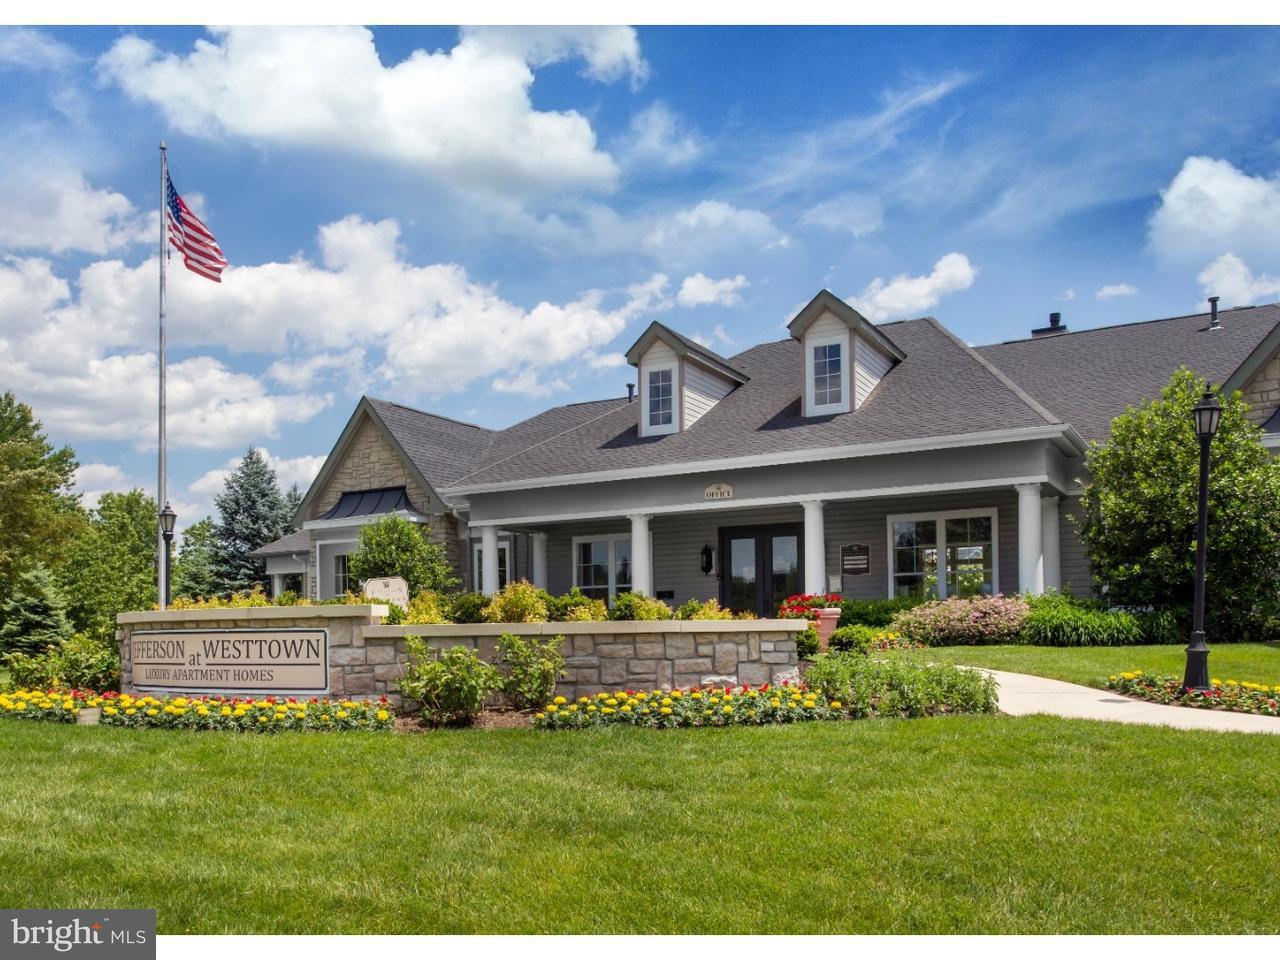 Maison unifamiliale pour l à louer à 1000 SKILES BLVD #1821 West Chester, Pennsylvanie 19382 États-Unis